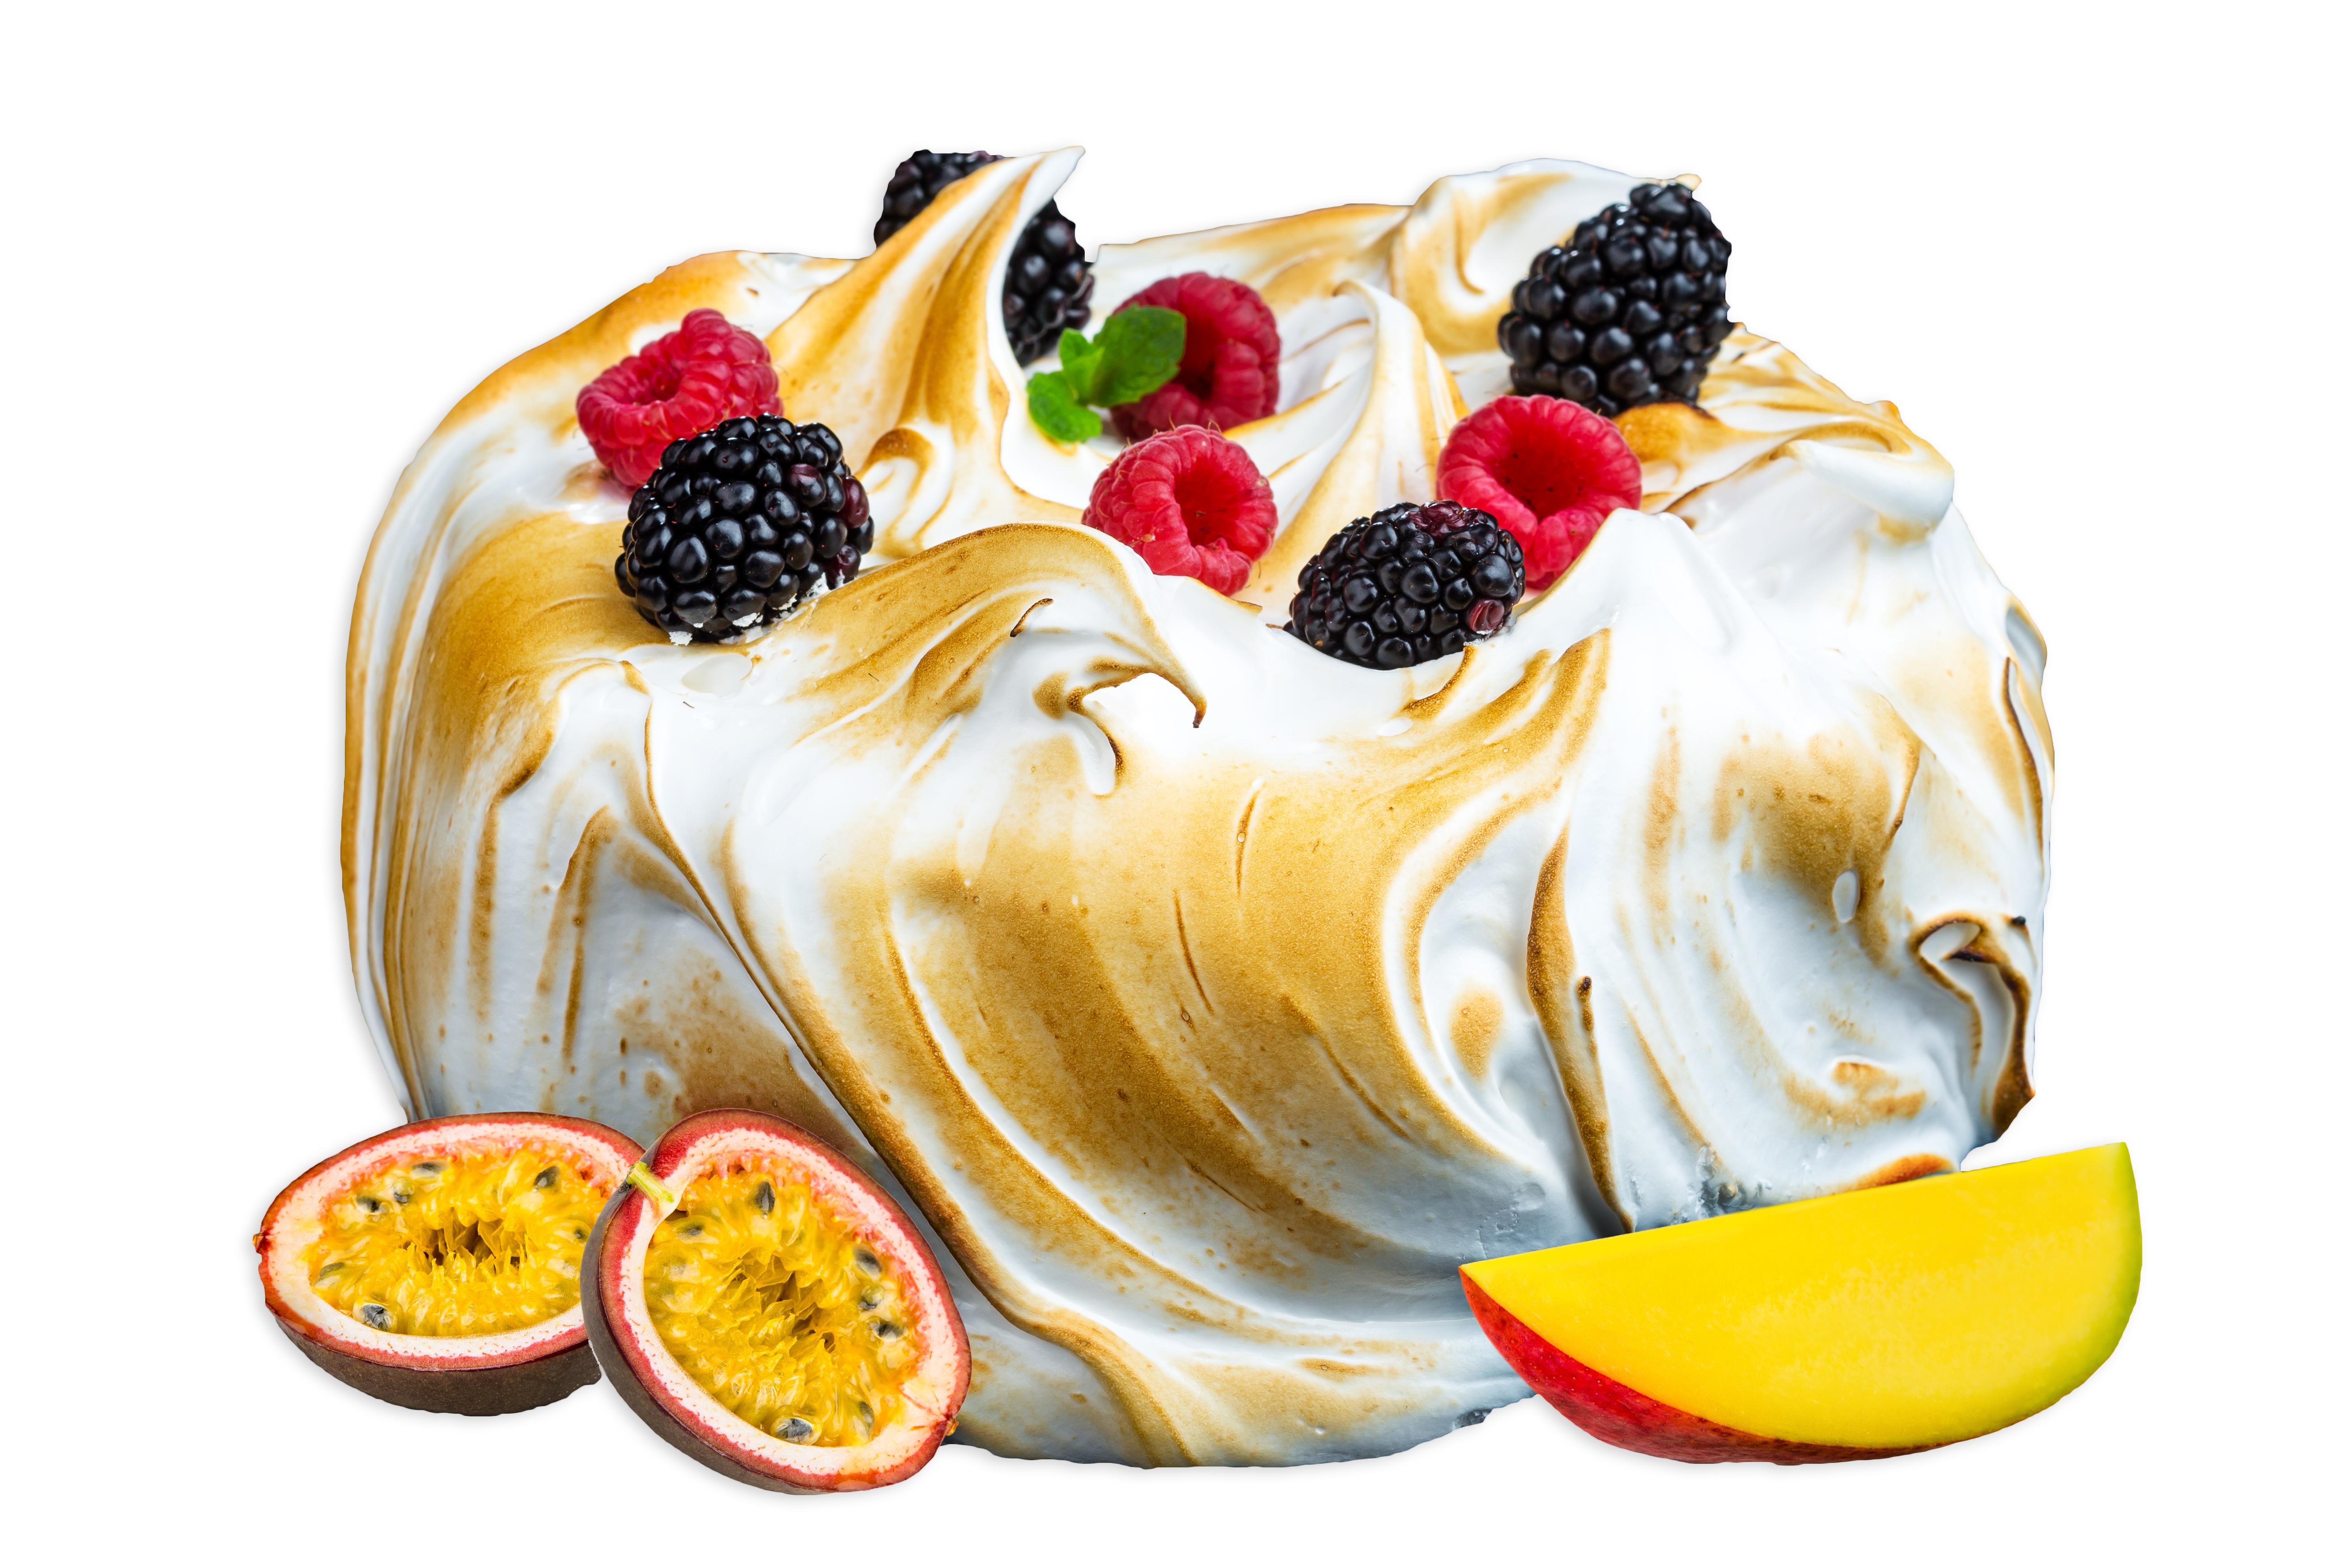 Торт манго-маракуйя с меренгой и ягодами 1/4 торта